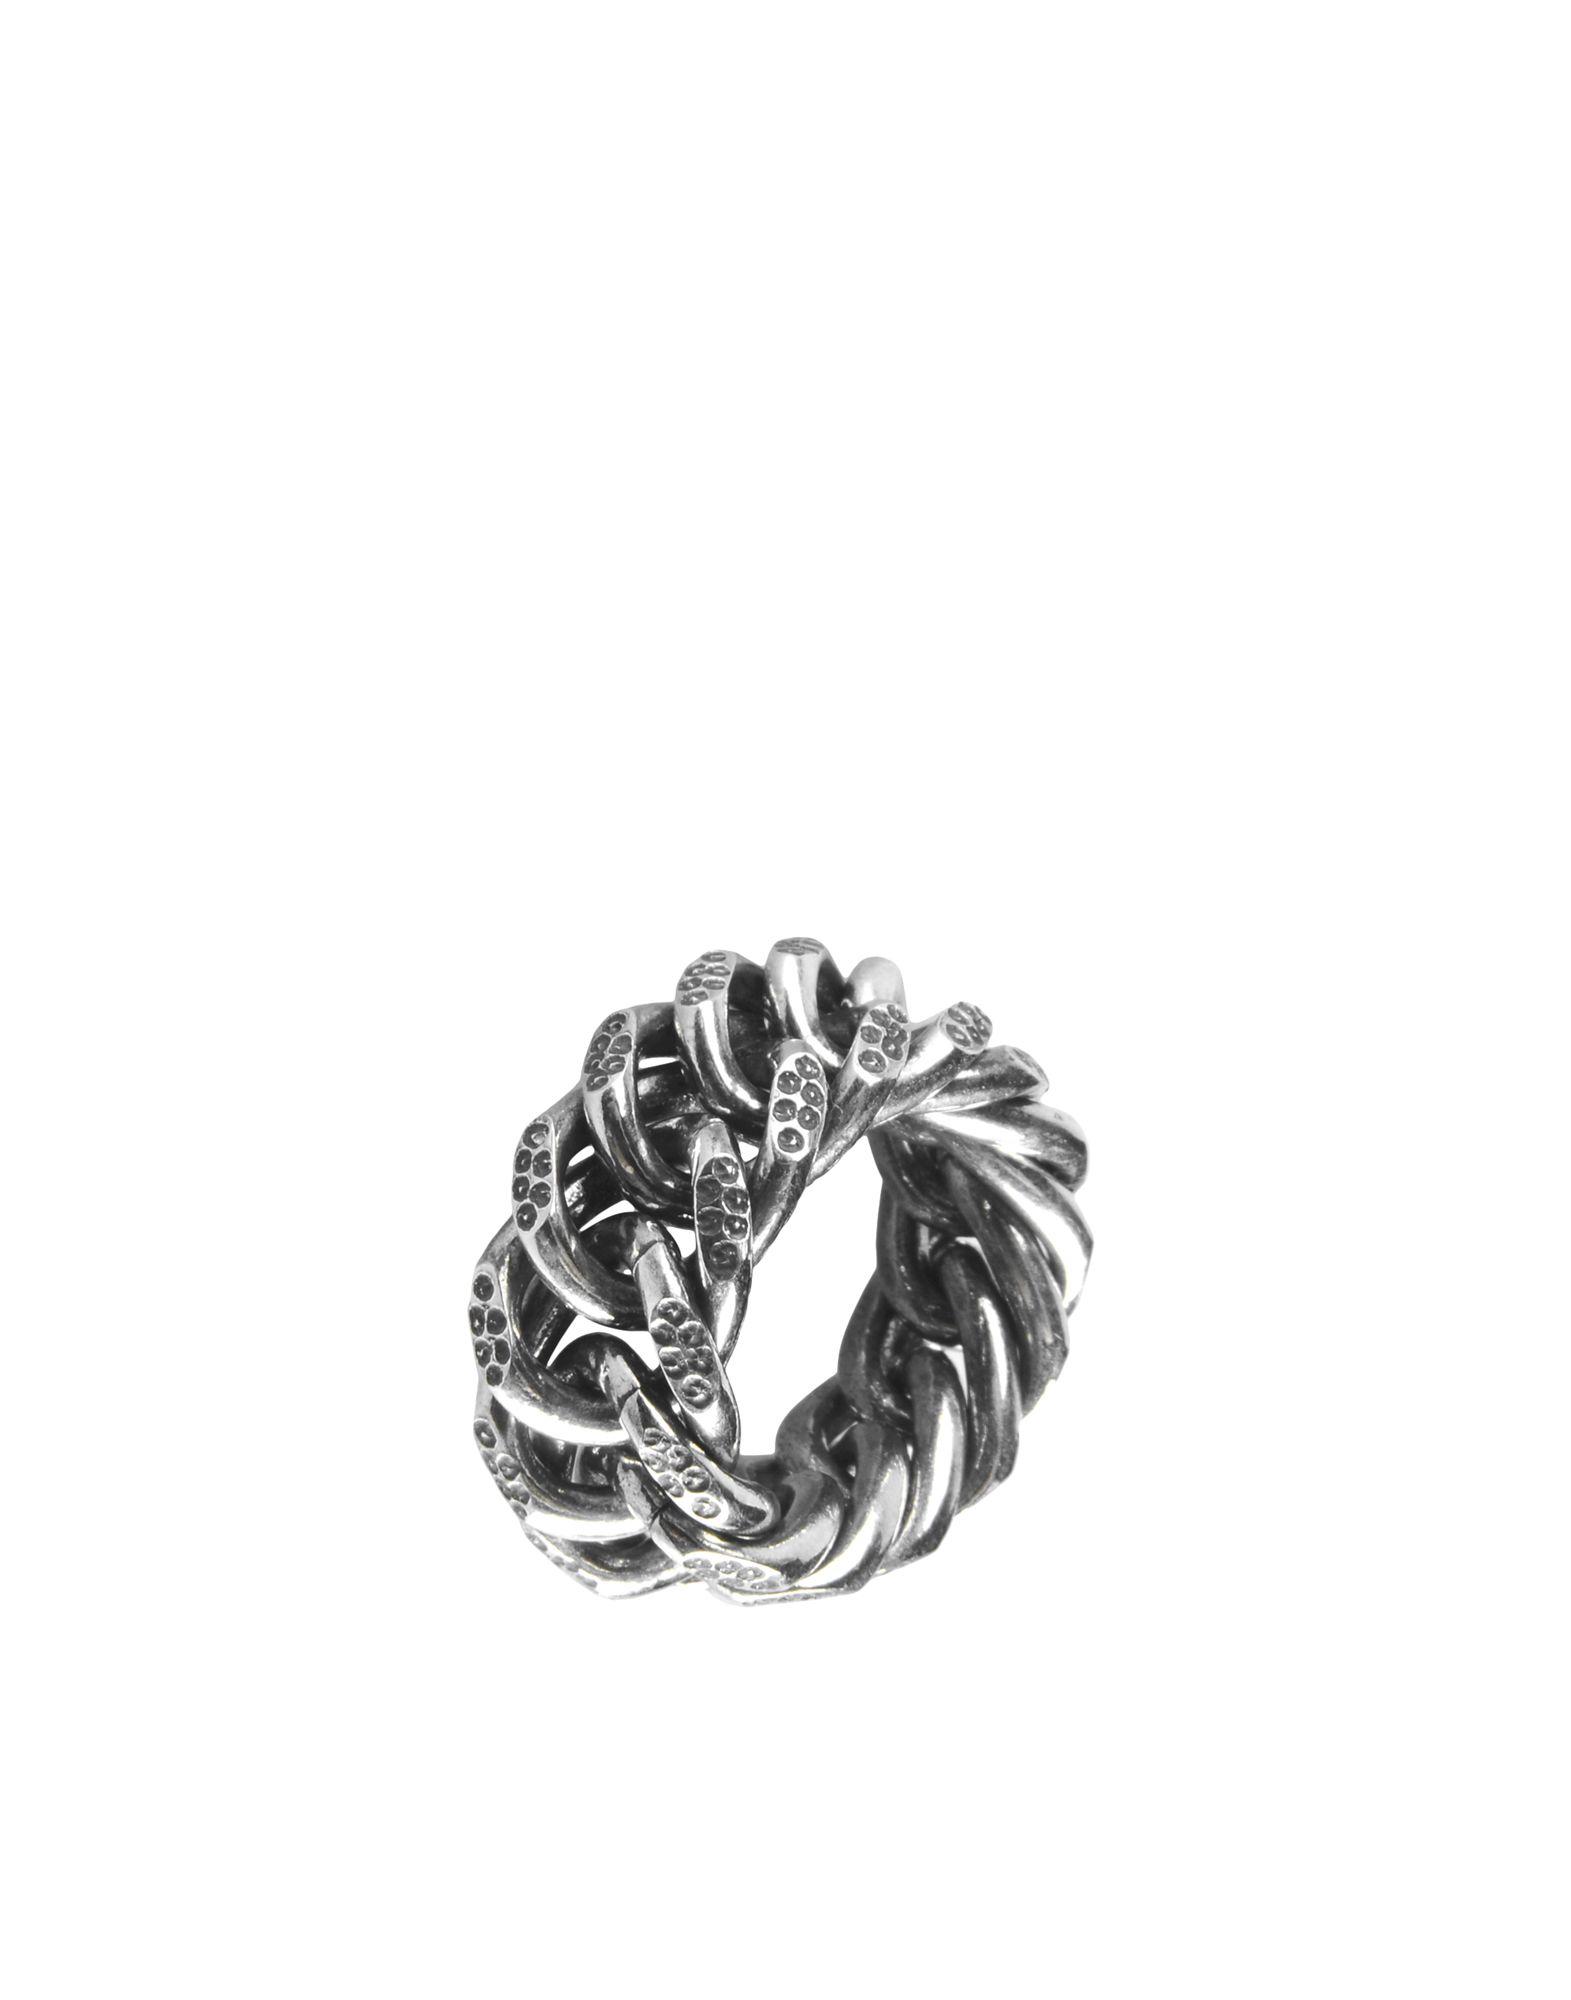 《期間限定 セール開催中》FIRST PEOPLE FIRST メンズ 指輪 シルバー 19 シルバー925/1000 ROCK GROUMETTE RING